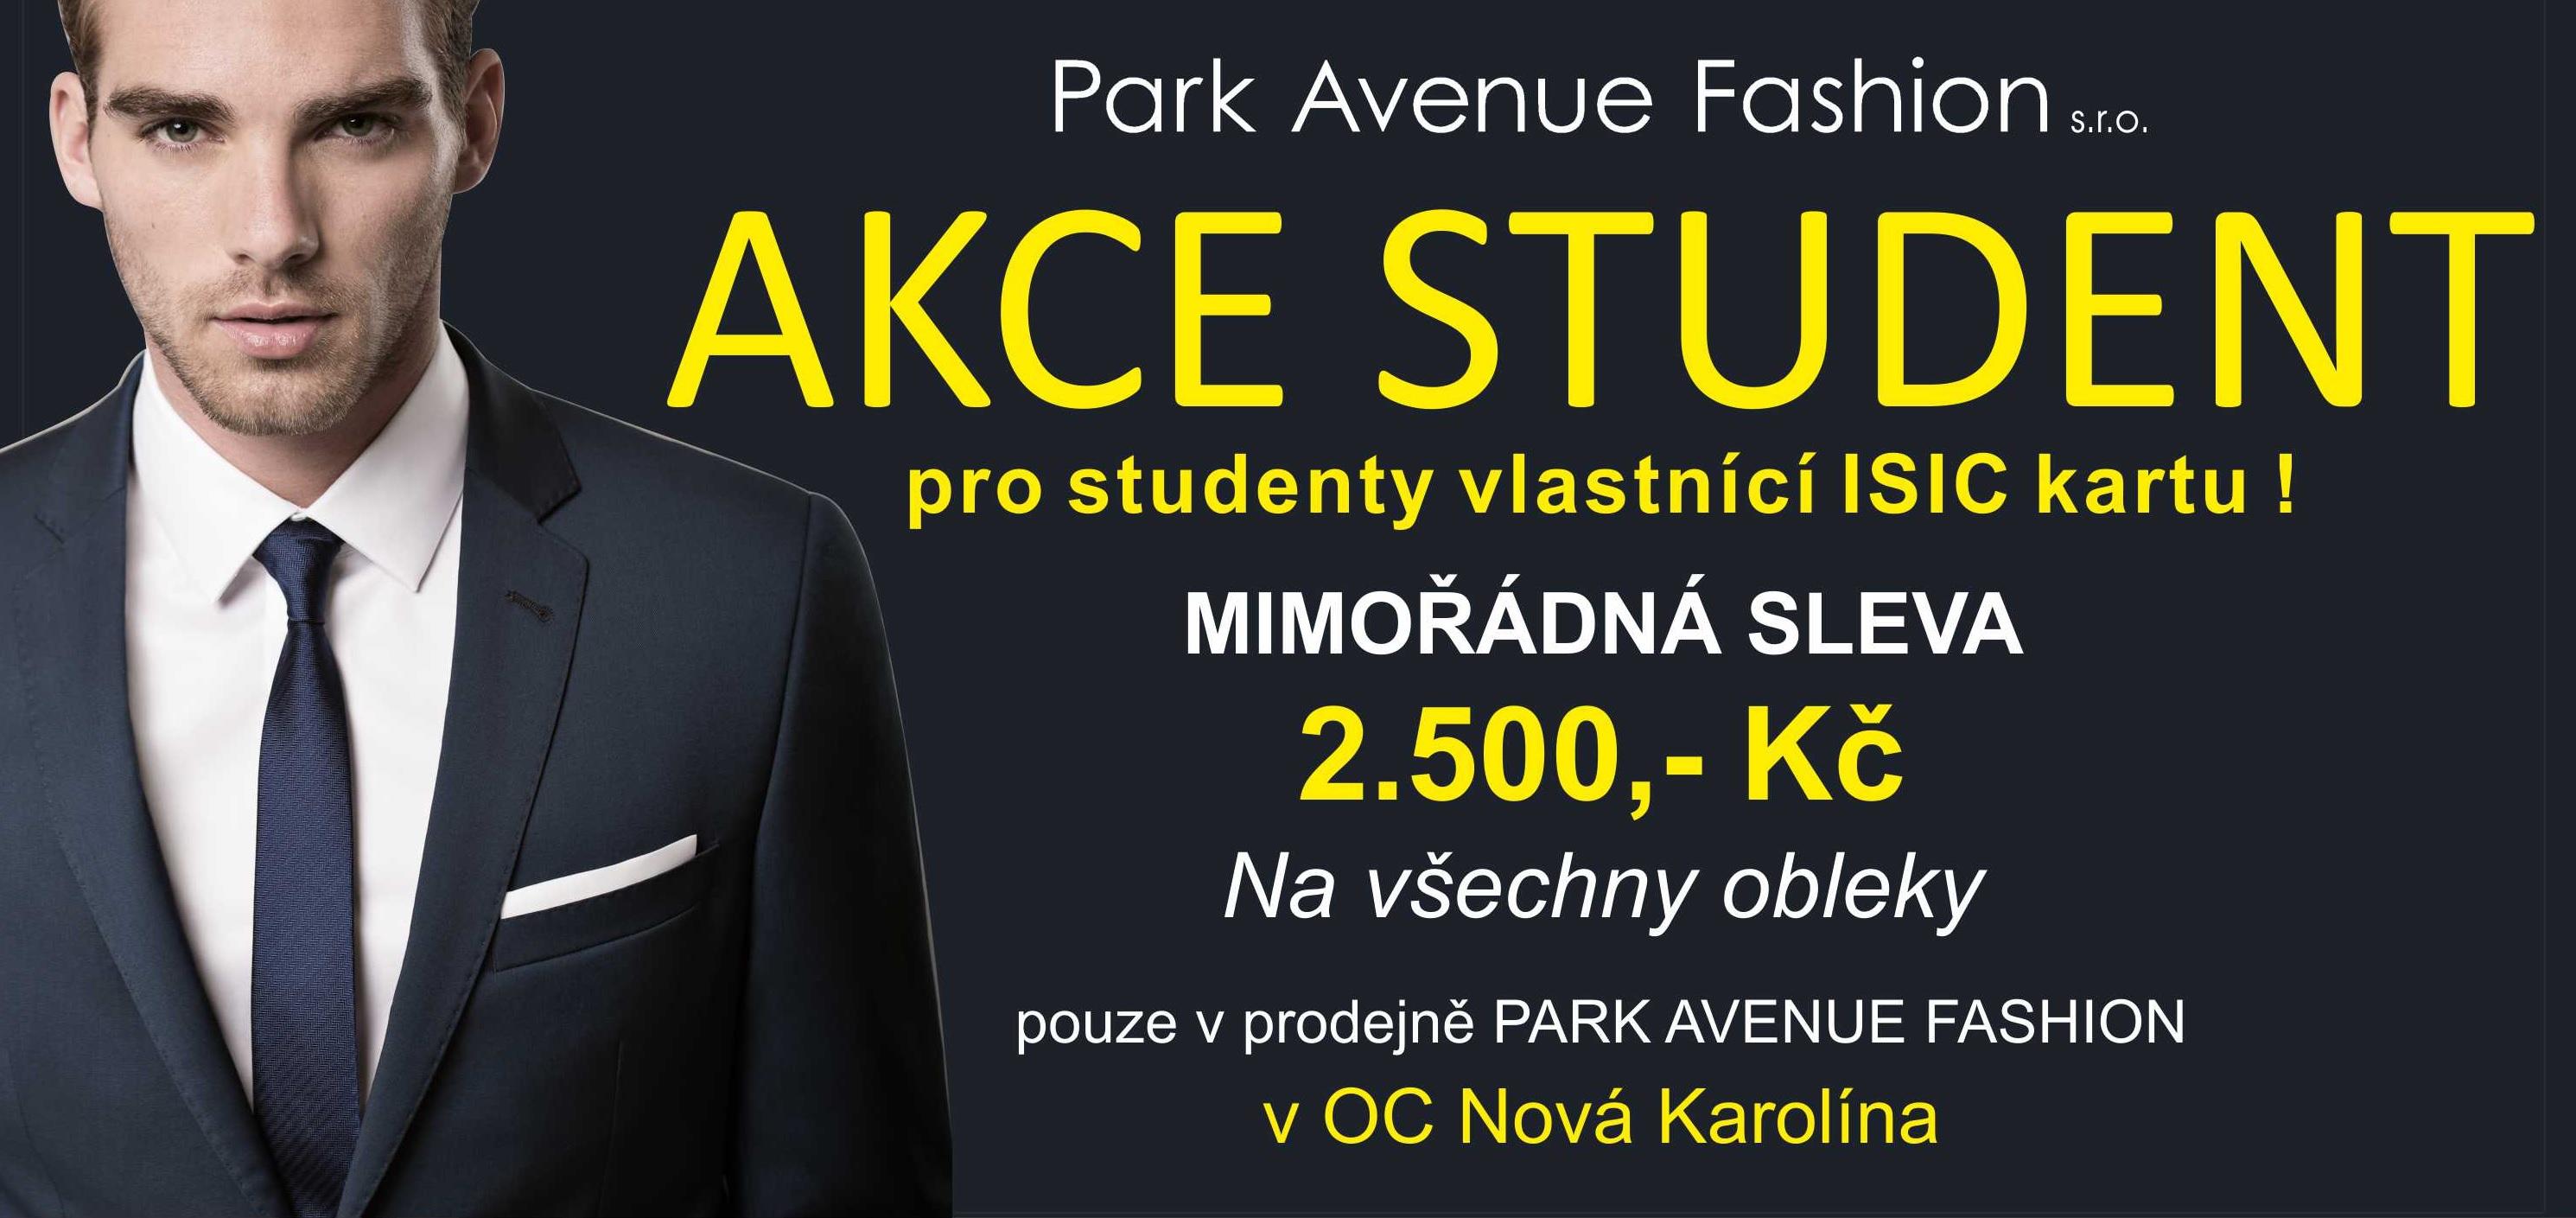 Akce student